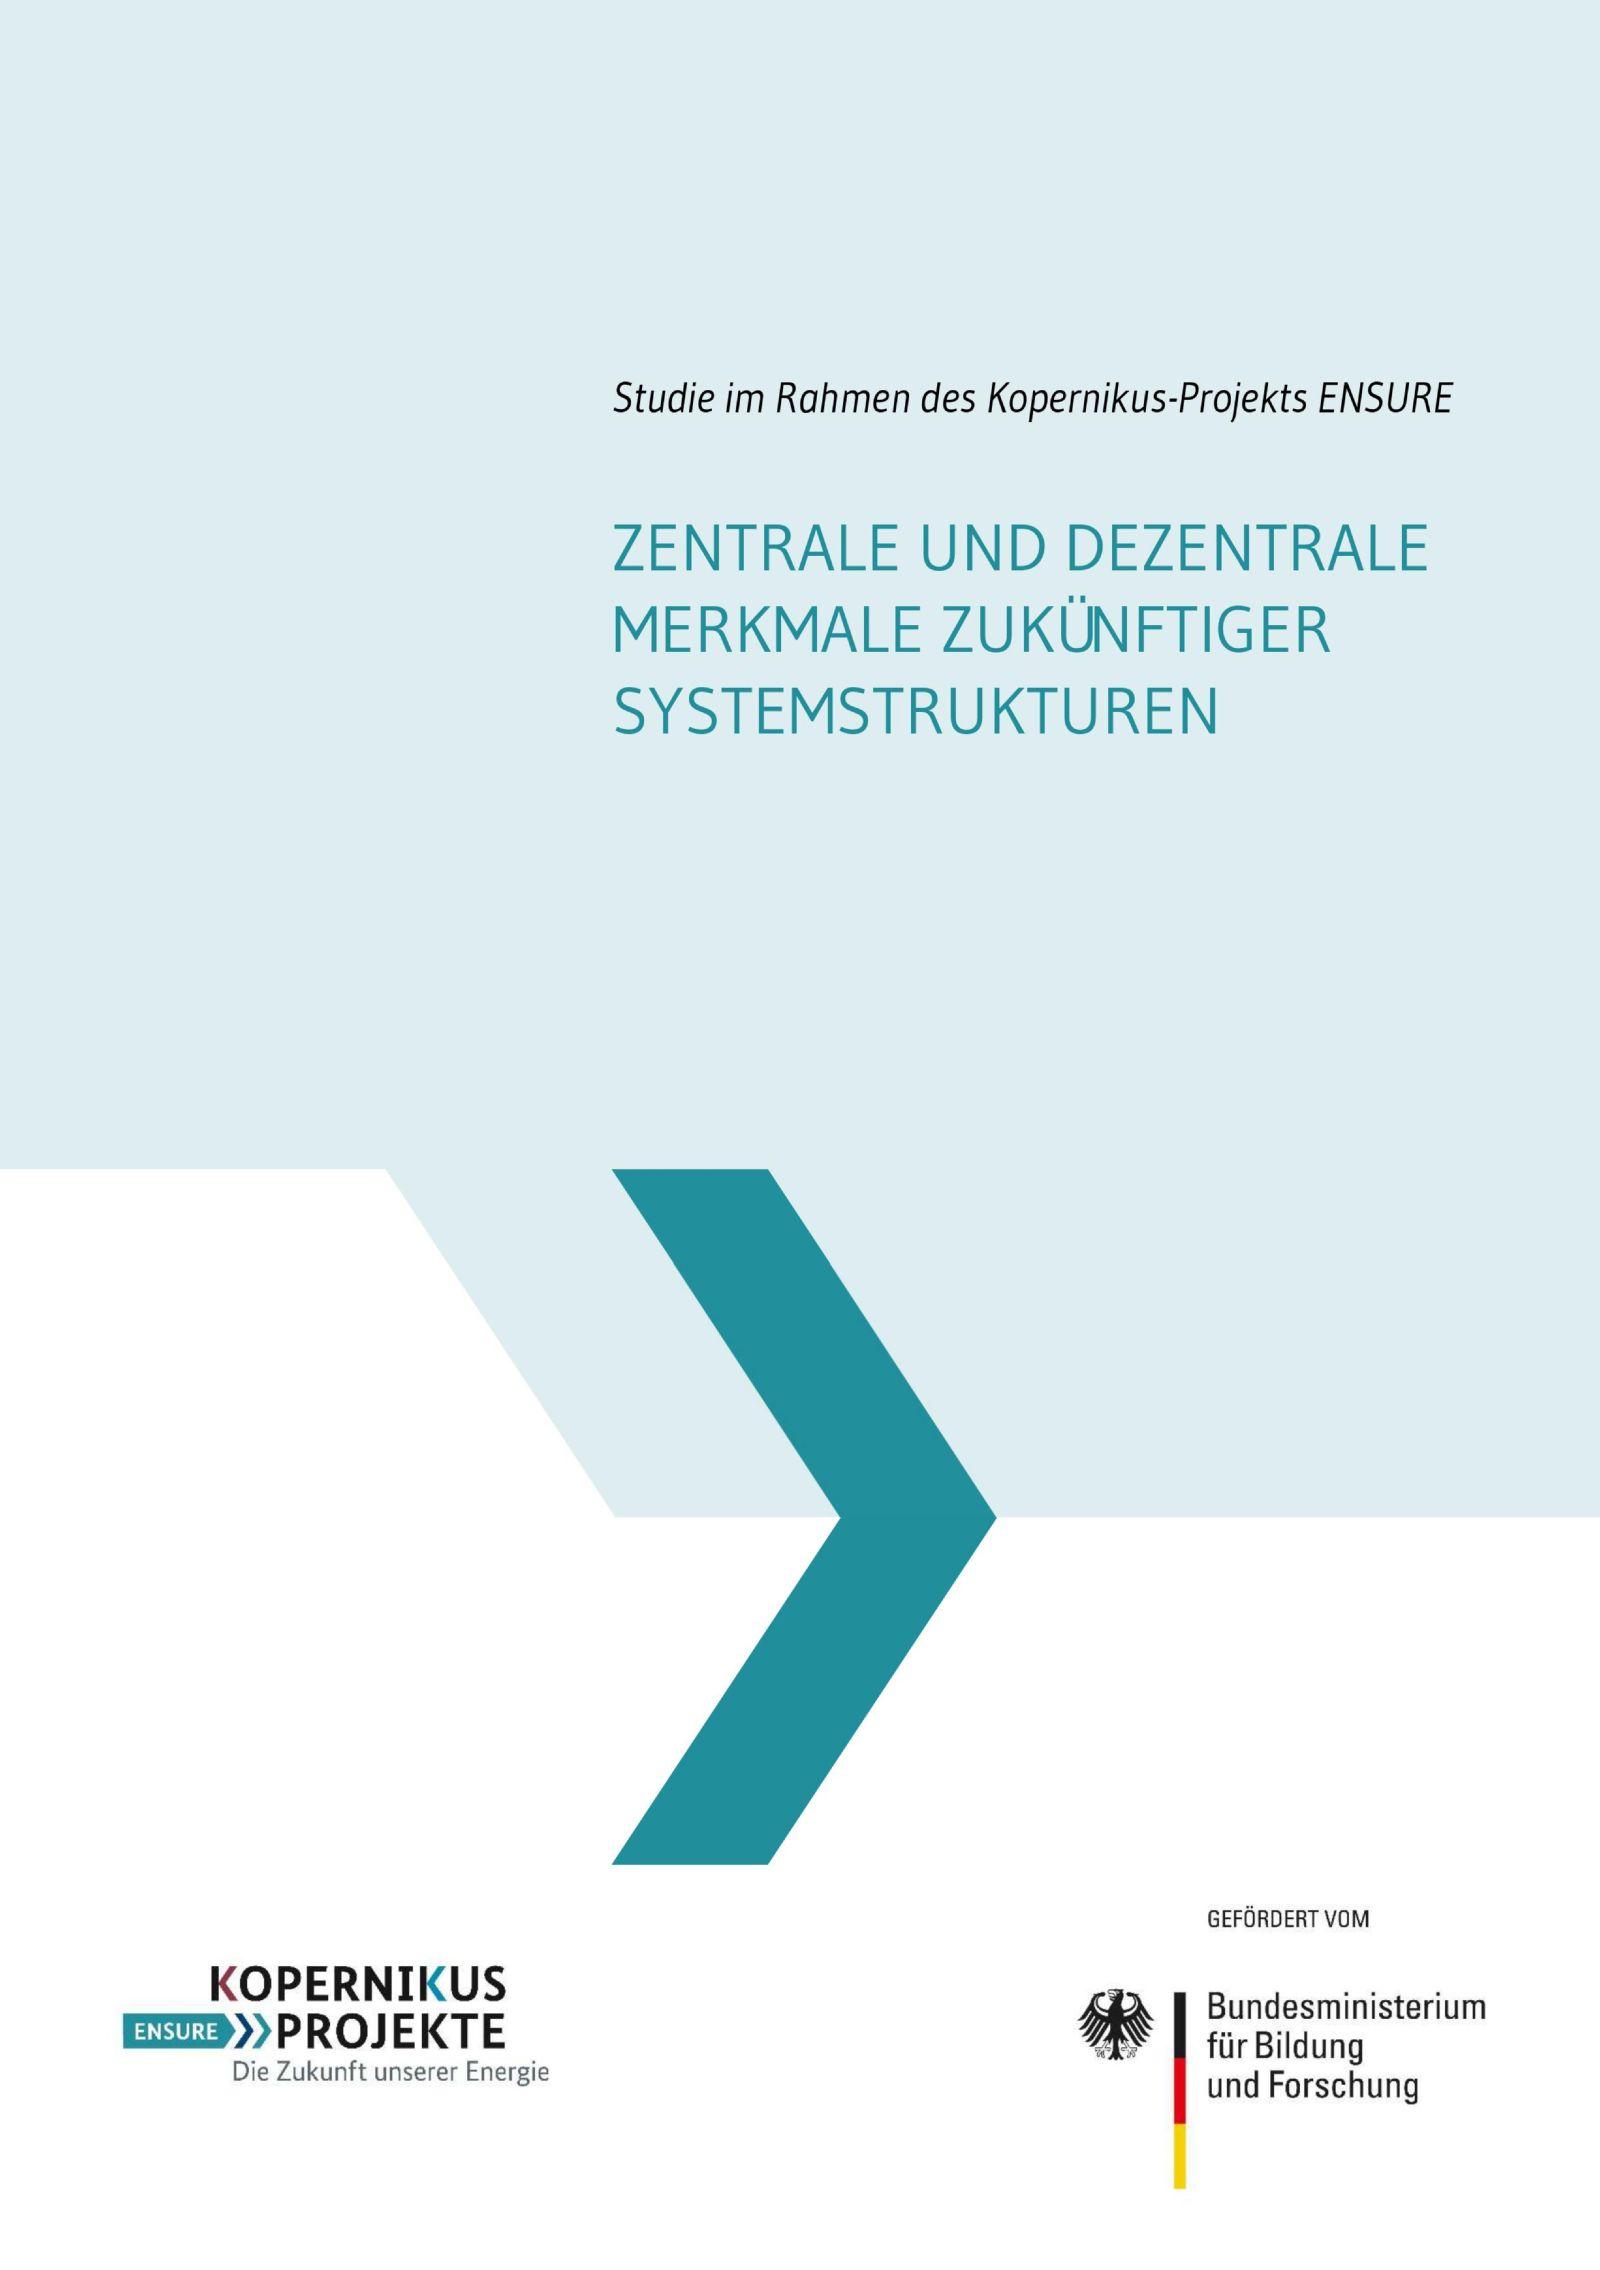 Das Bild zeigt die Titelseite der ENSURE-Studie zum Netzausbau.